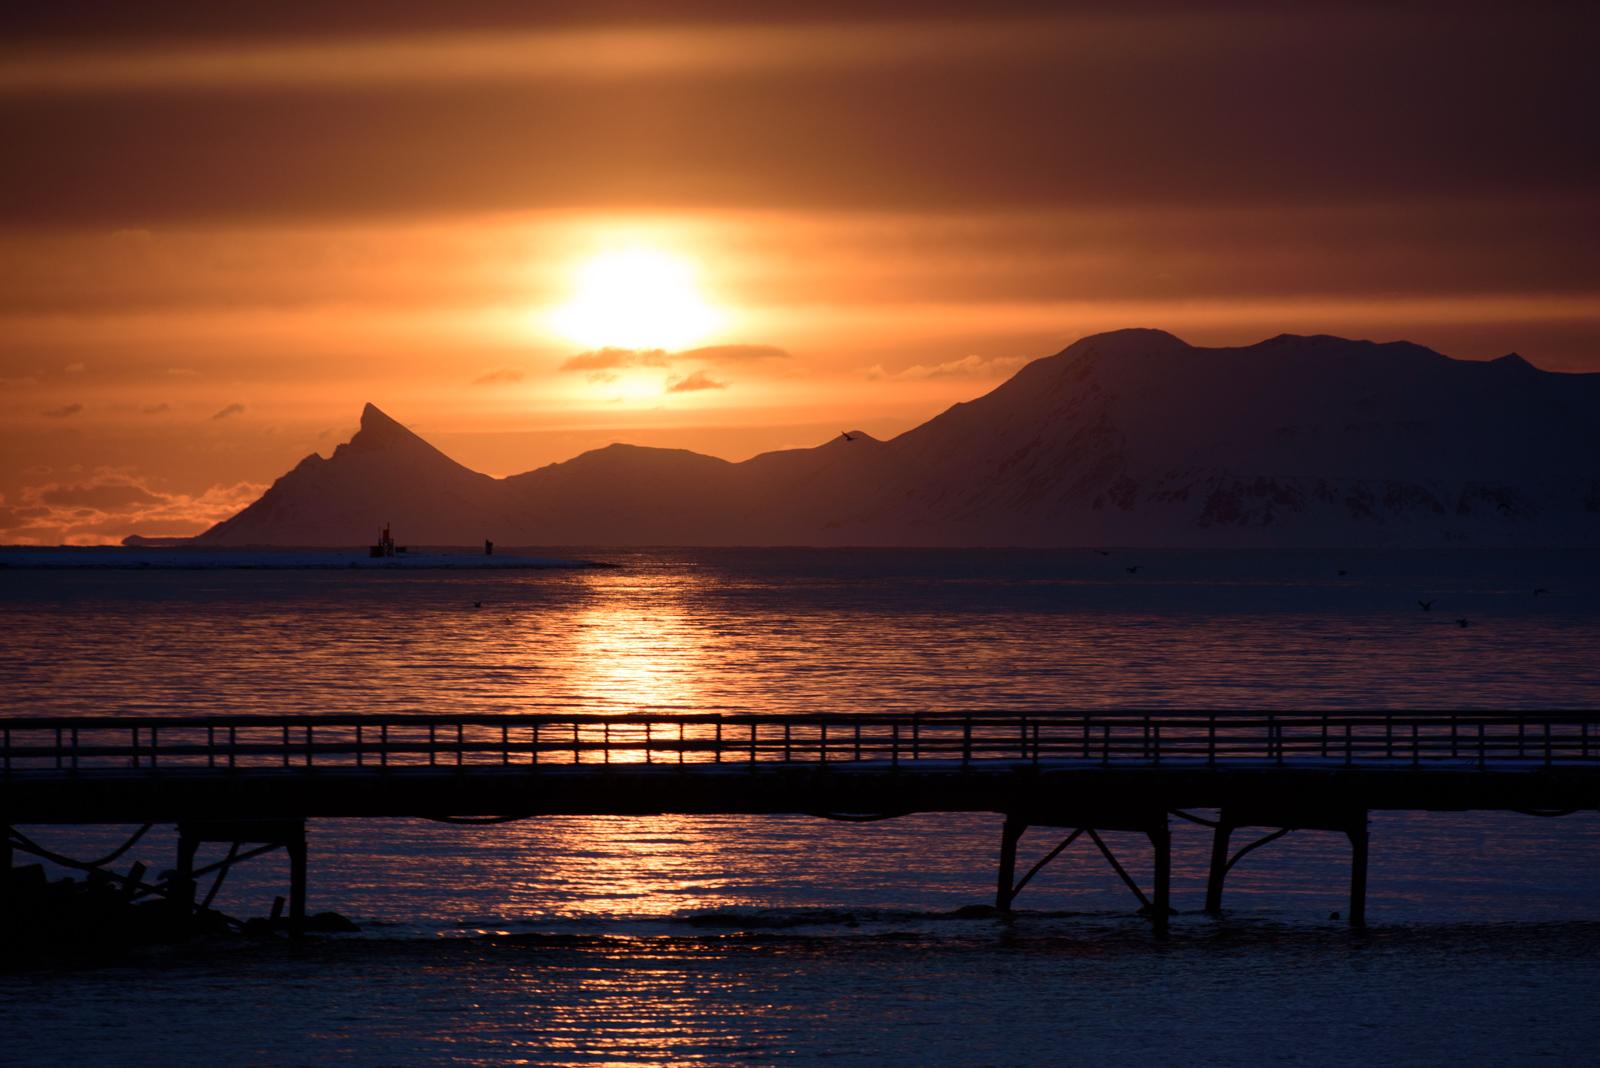 Erste eindr cke arktis blog 79 grad nord for Fenster immer im vordergrund